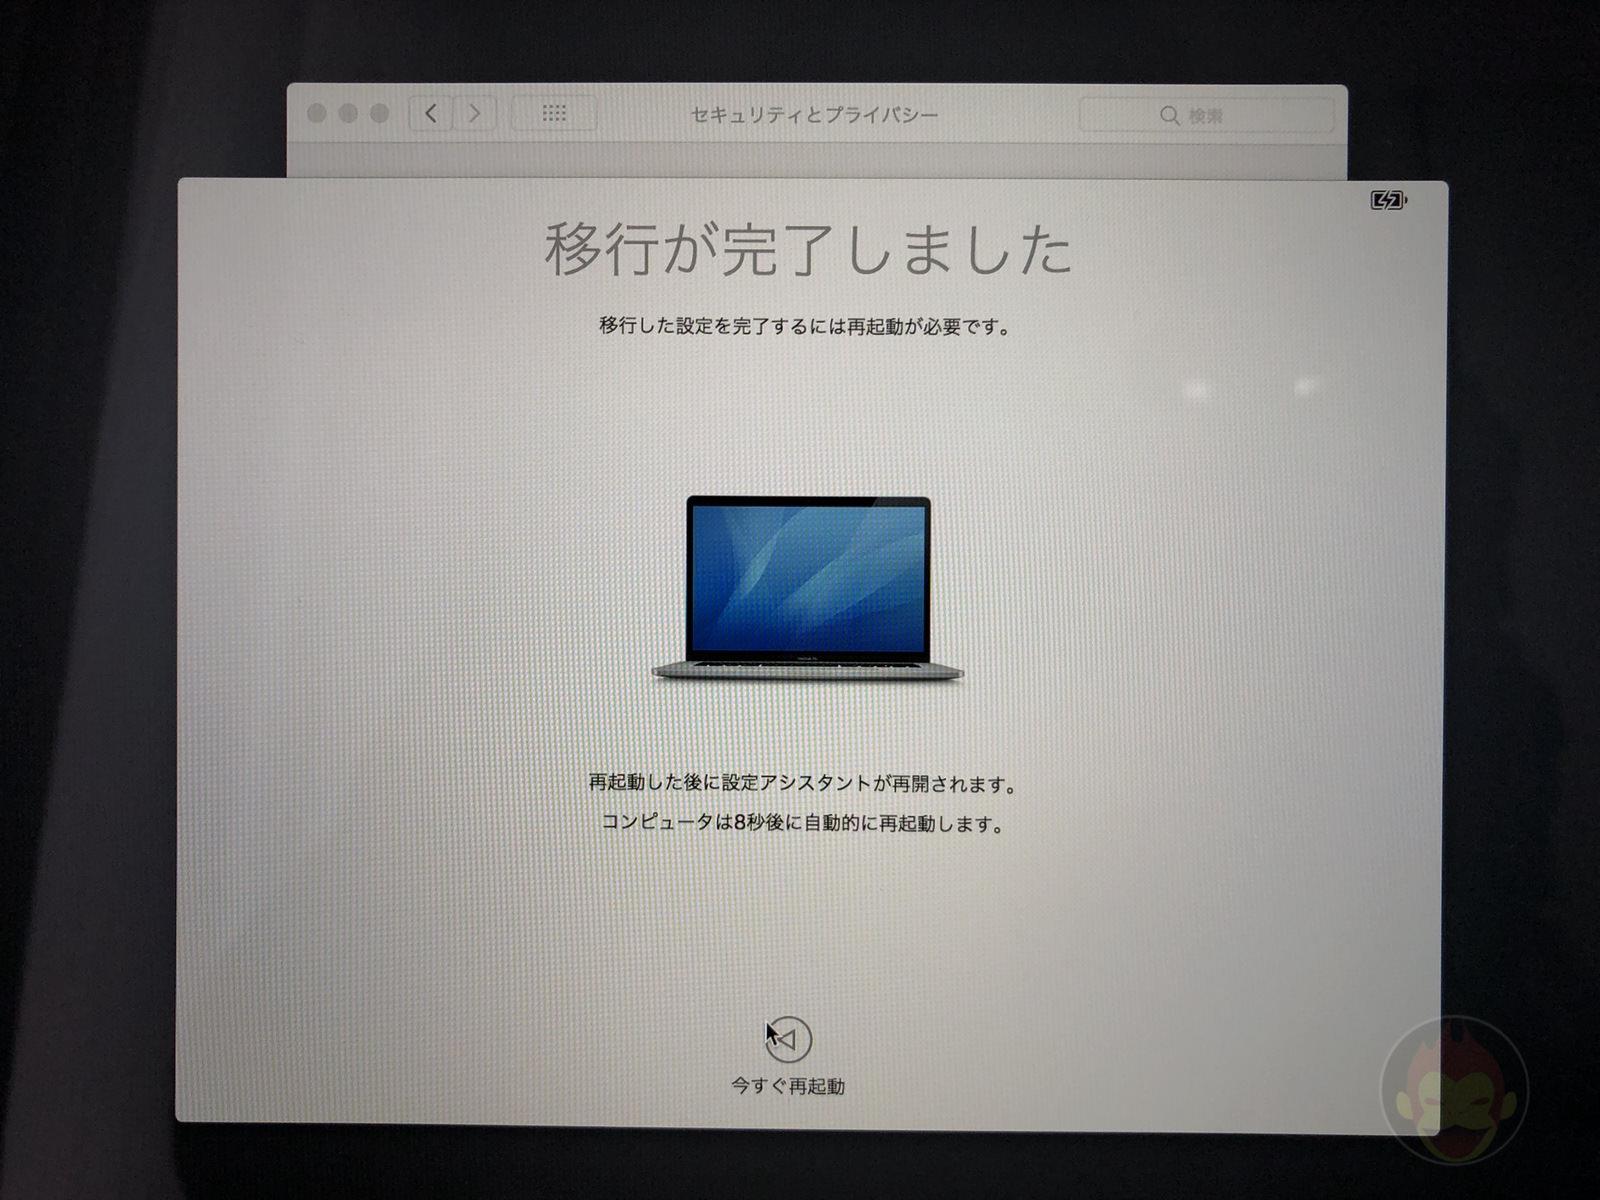 How-to-reset-macOS-on-Mac-84.jpg